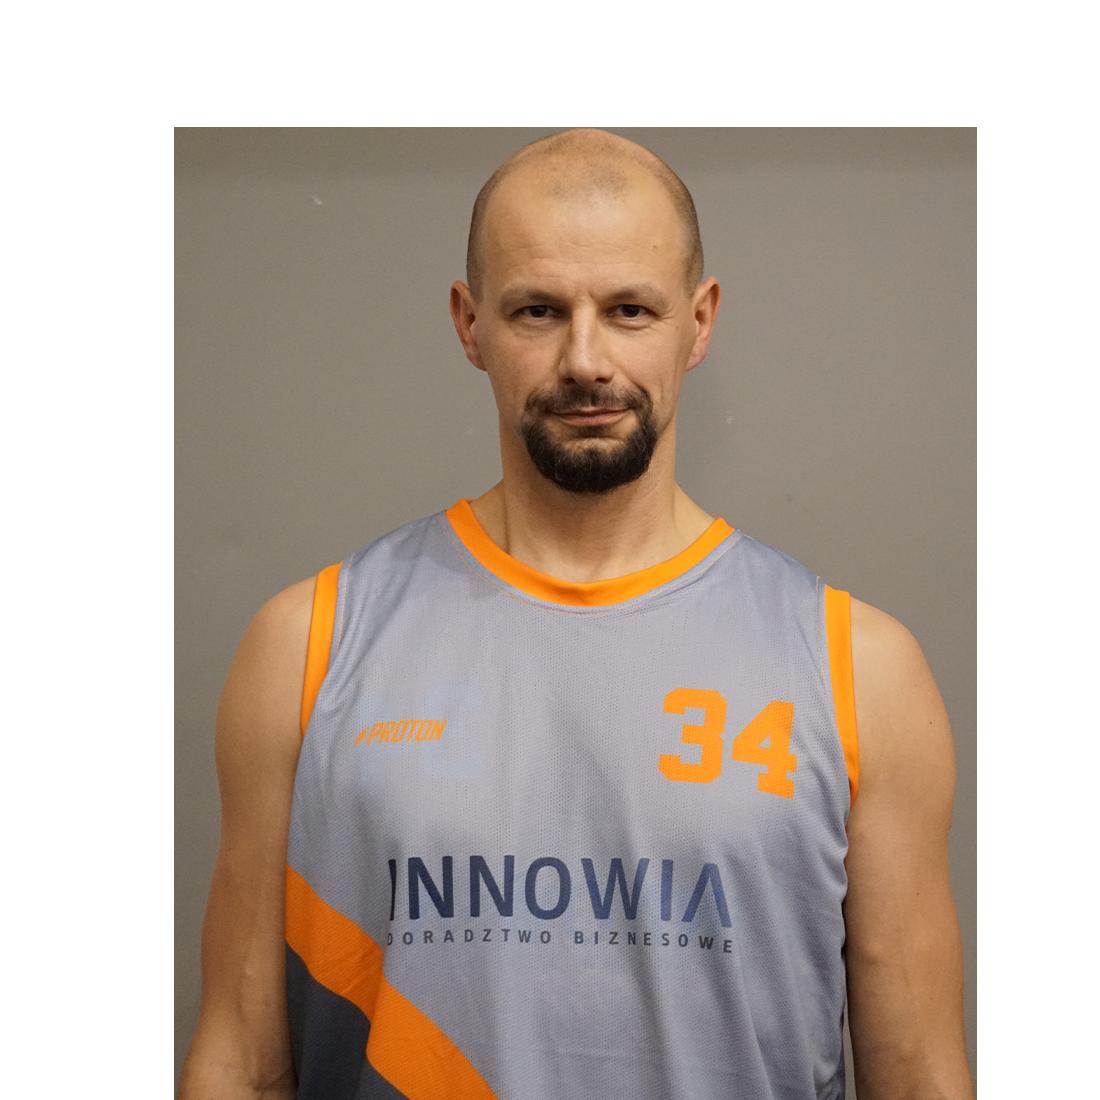 Piotr Banaszczyk